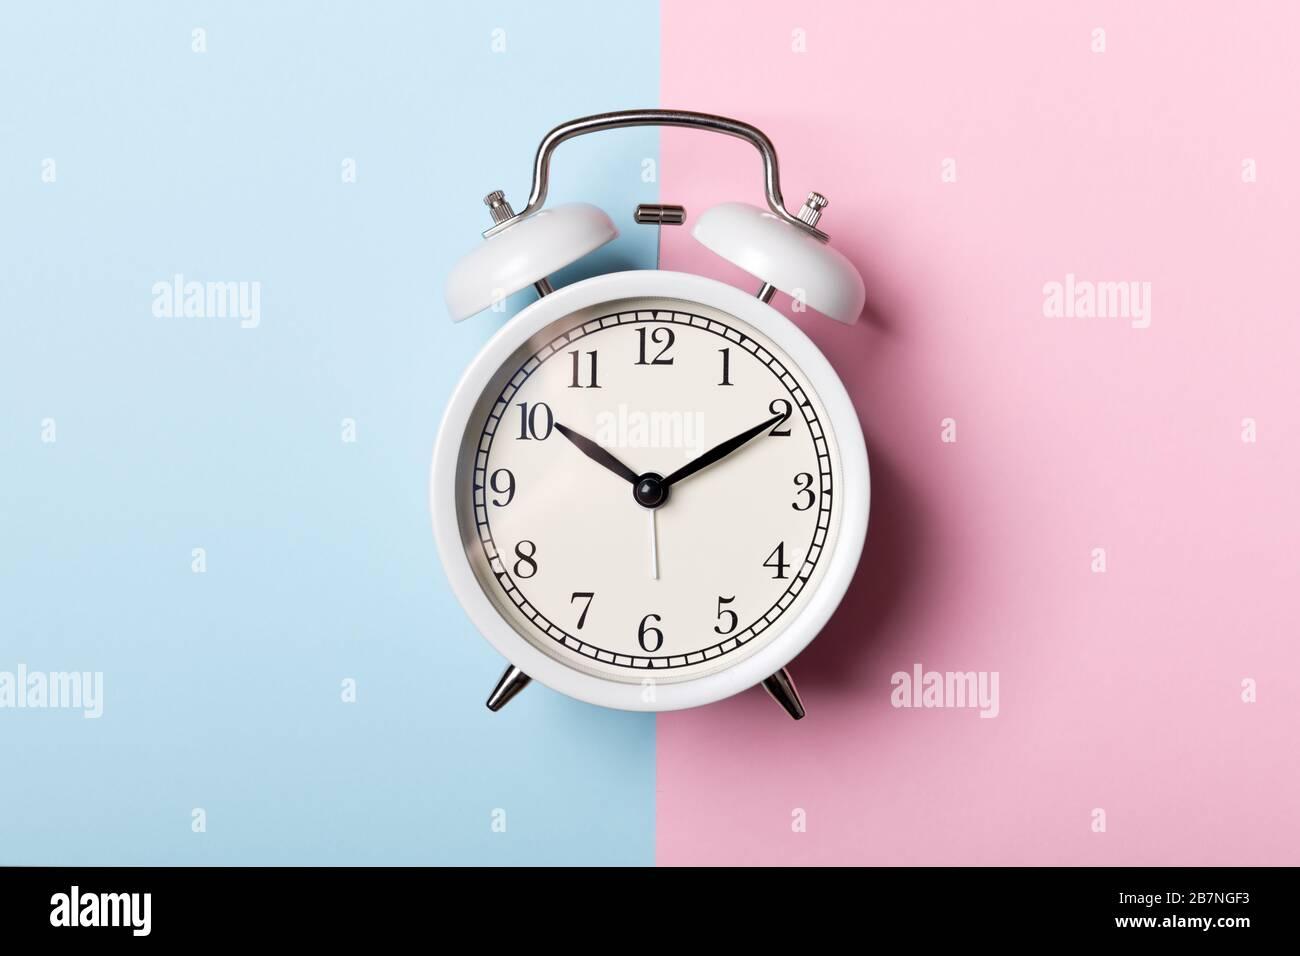 Reloj despertador blanco vintage sobre fondo azul y rosa. Concepto de tiempo Foto de stock